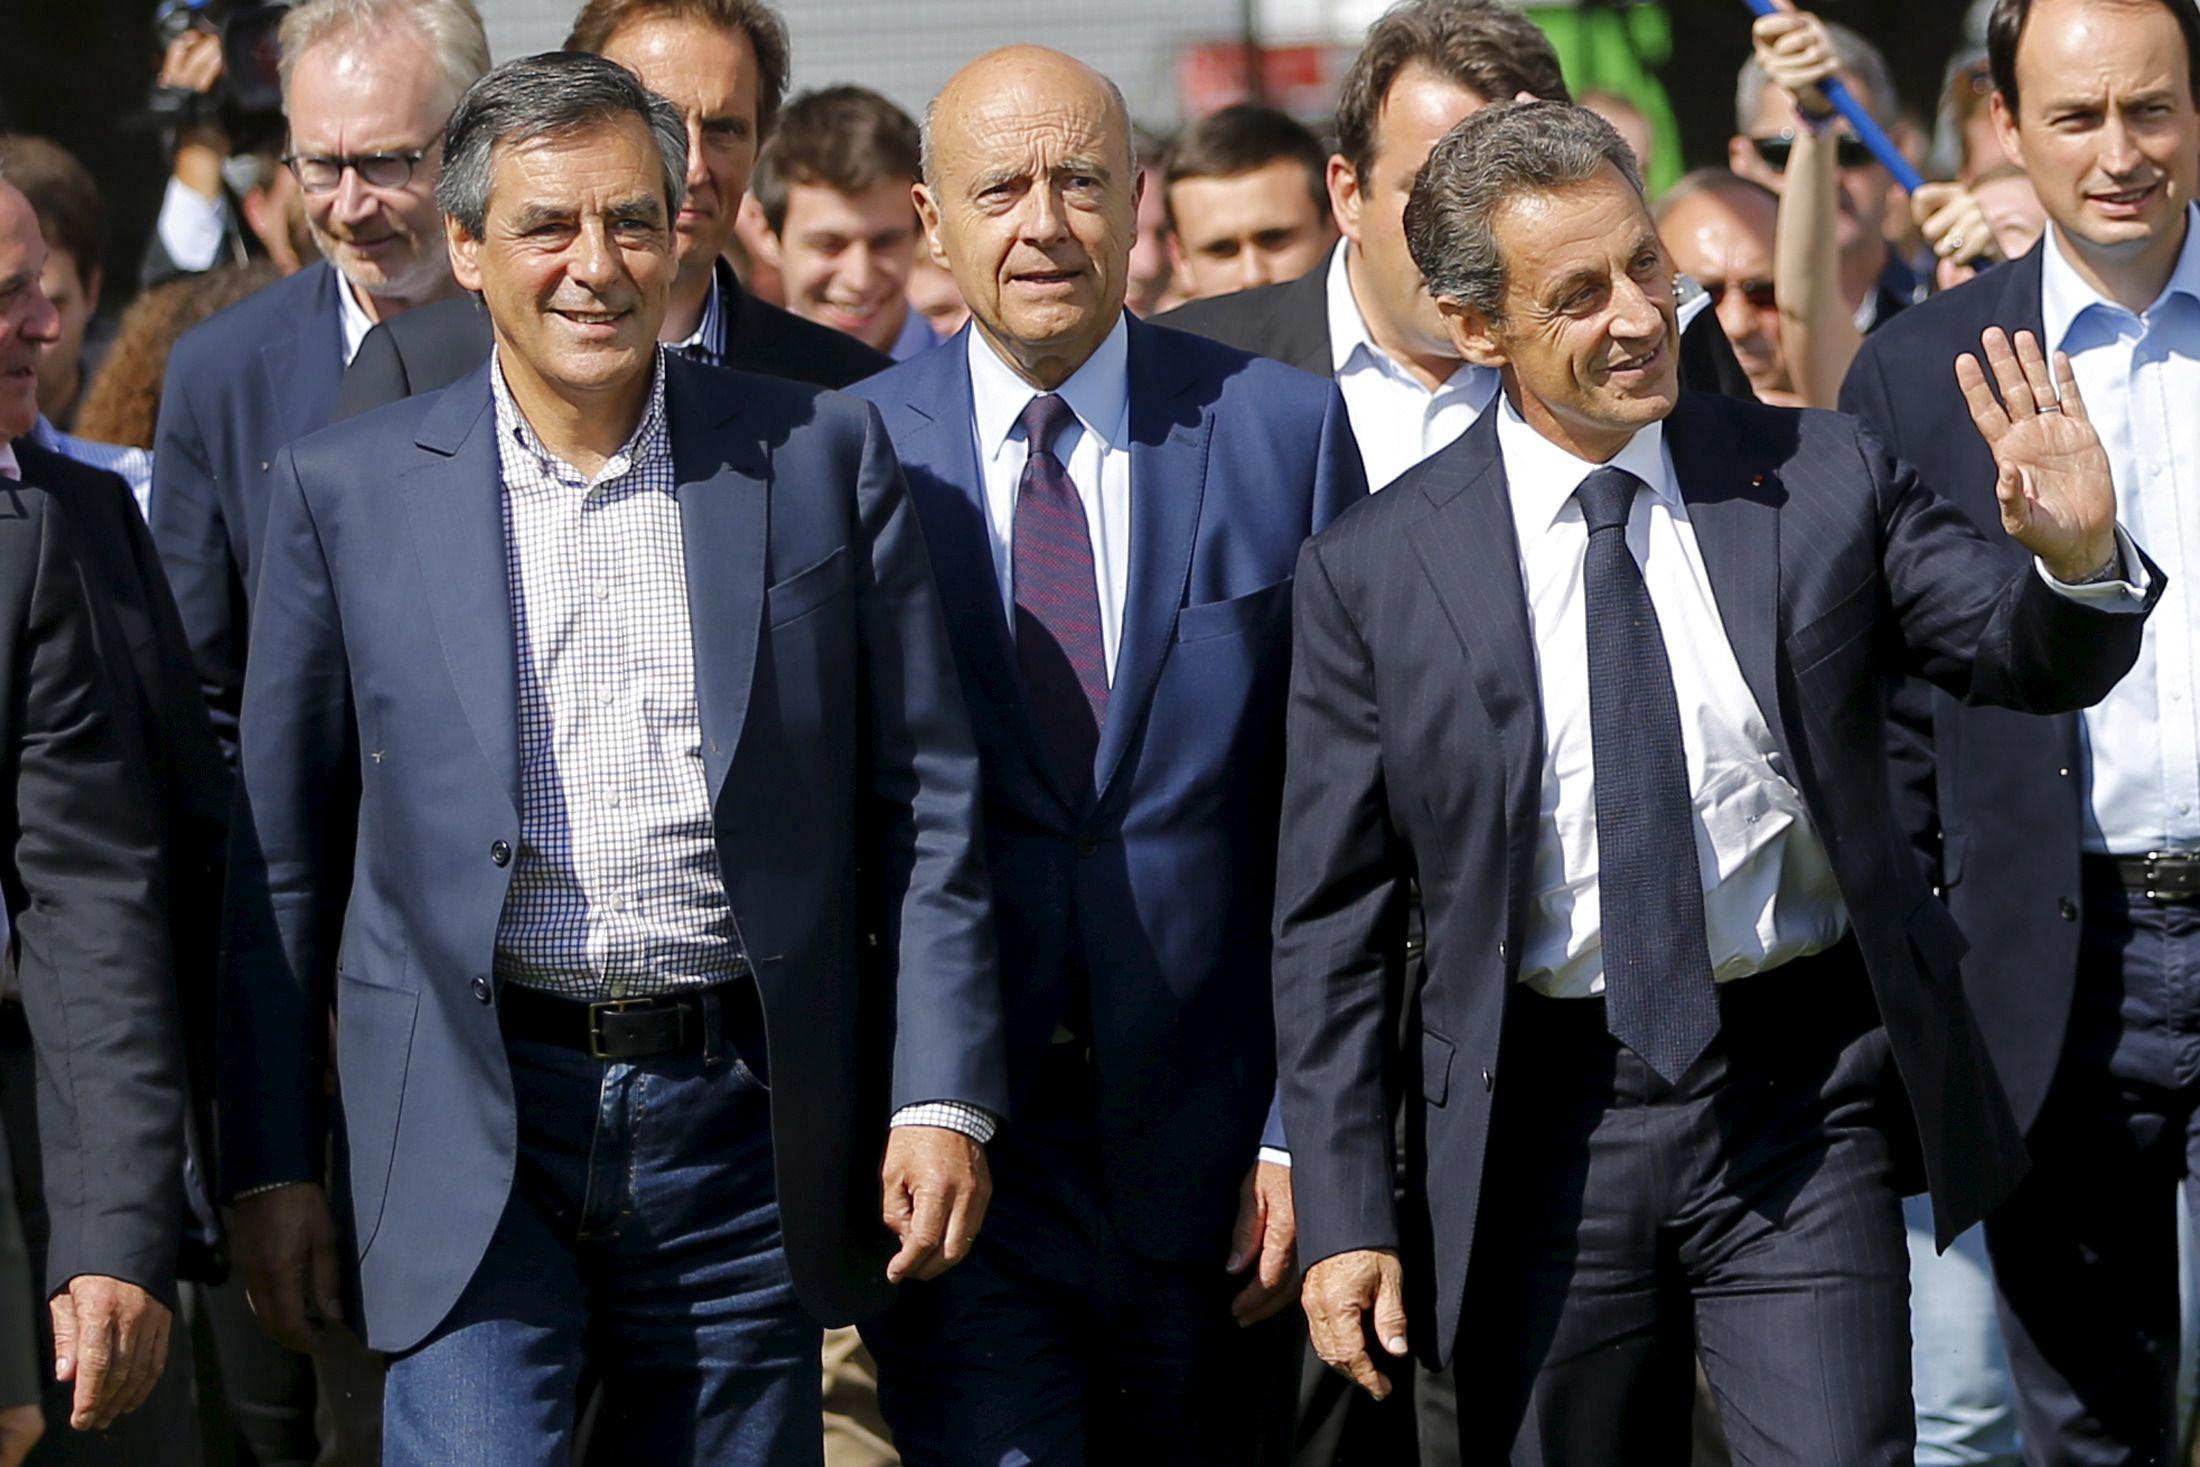 Sondage choc chez Les Républicains : Juppé en tête devant Sarkozy aux premier (40 %) et au second tour (56 %)